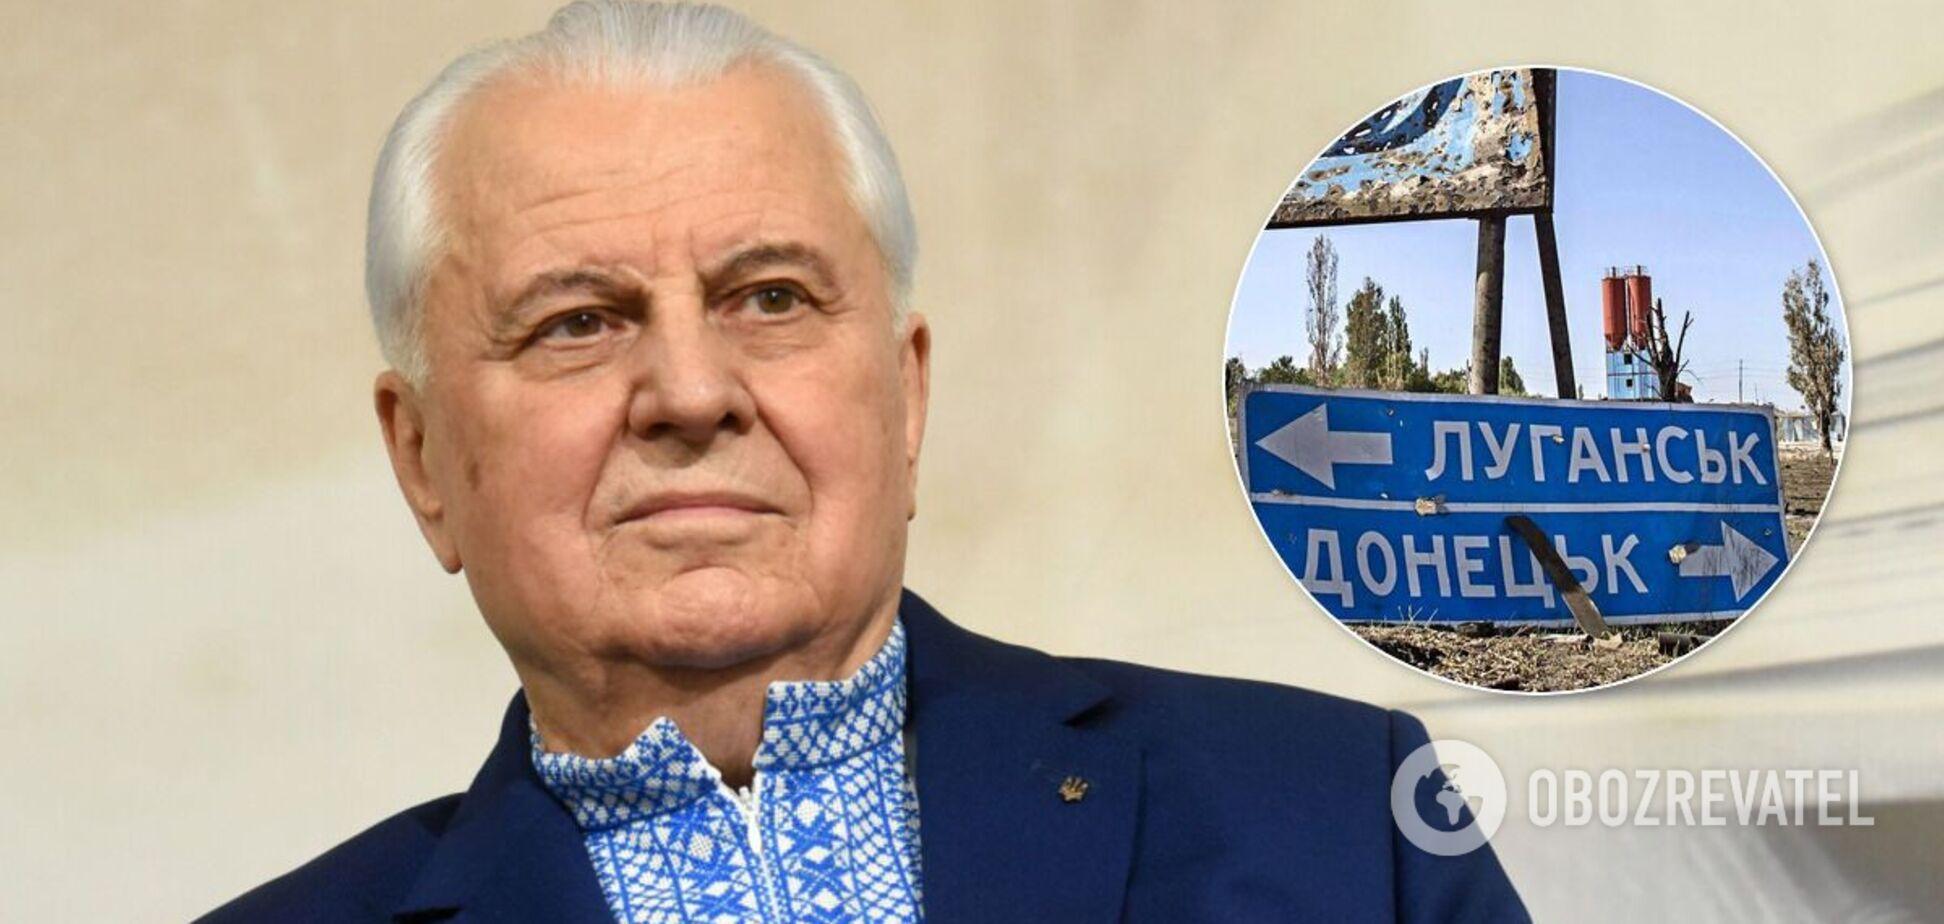 Глава делегации Украины в ТКГ Леонид Кравчук